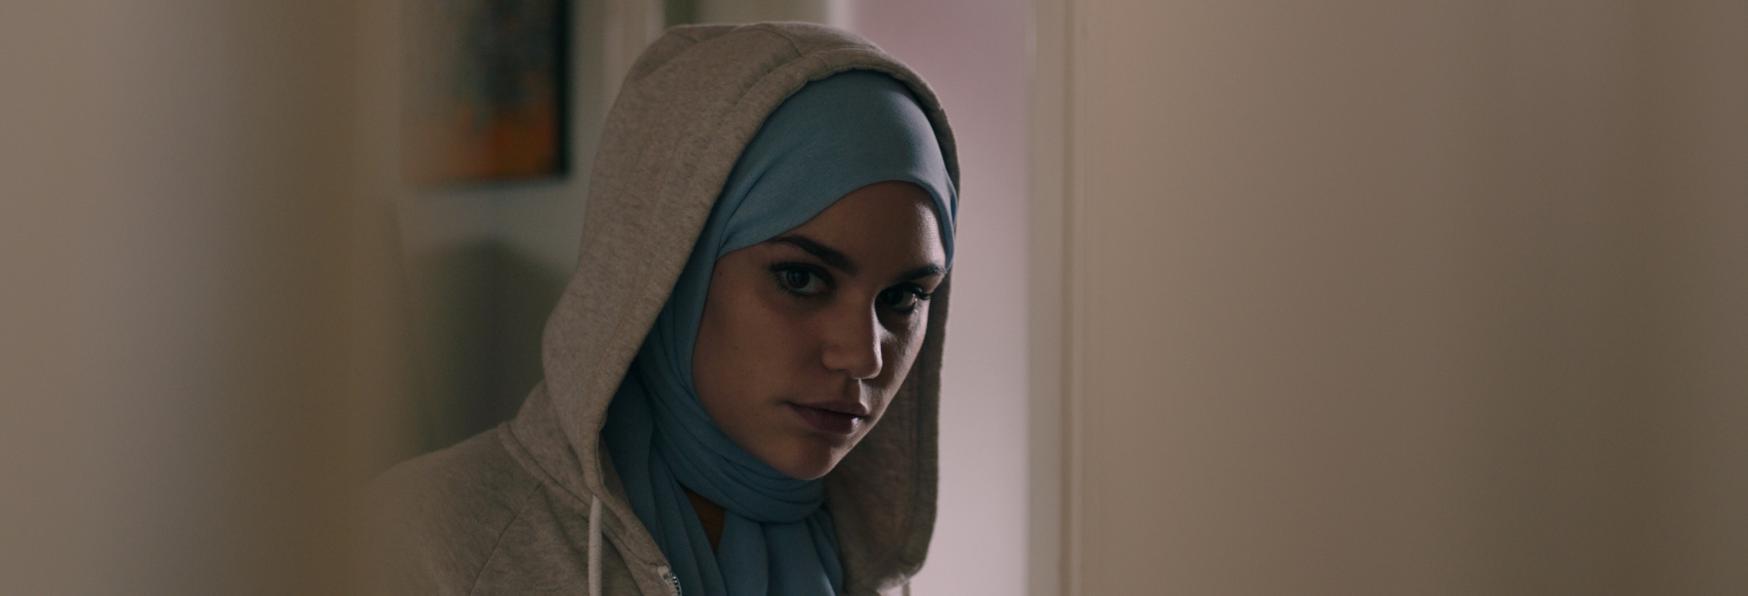 SKAM Italia 4: annunciata la Data di Uscita e pubblicato il Teaser Trailer della nuova Stagione